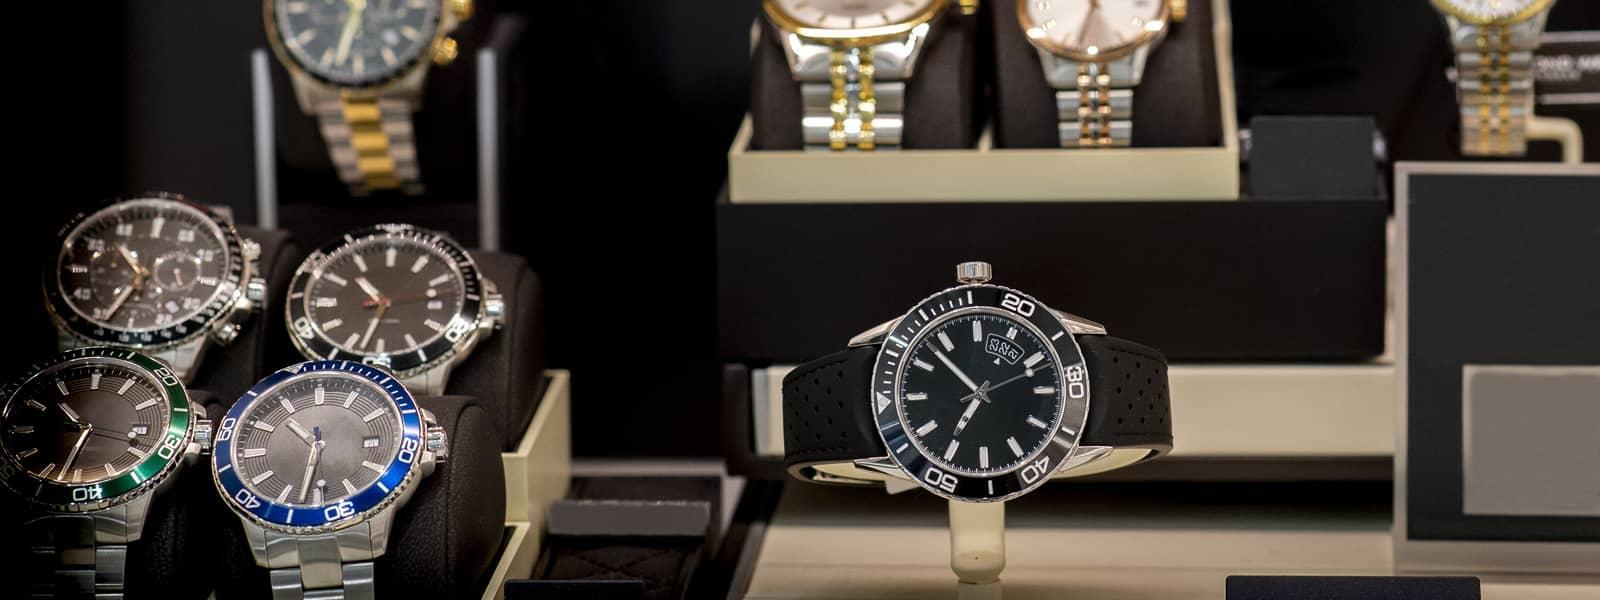 Best Watches Under 100 Dollars